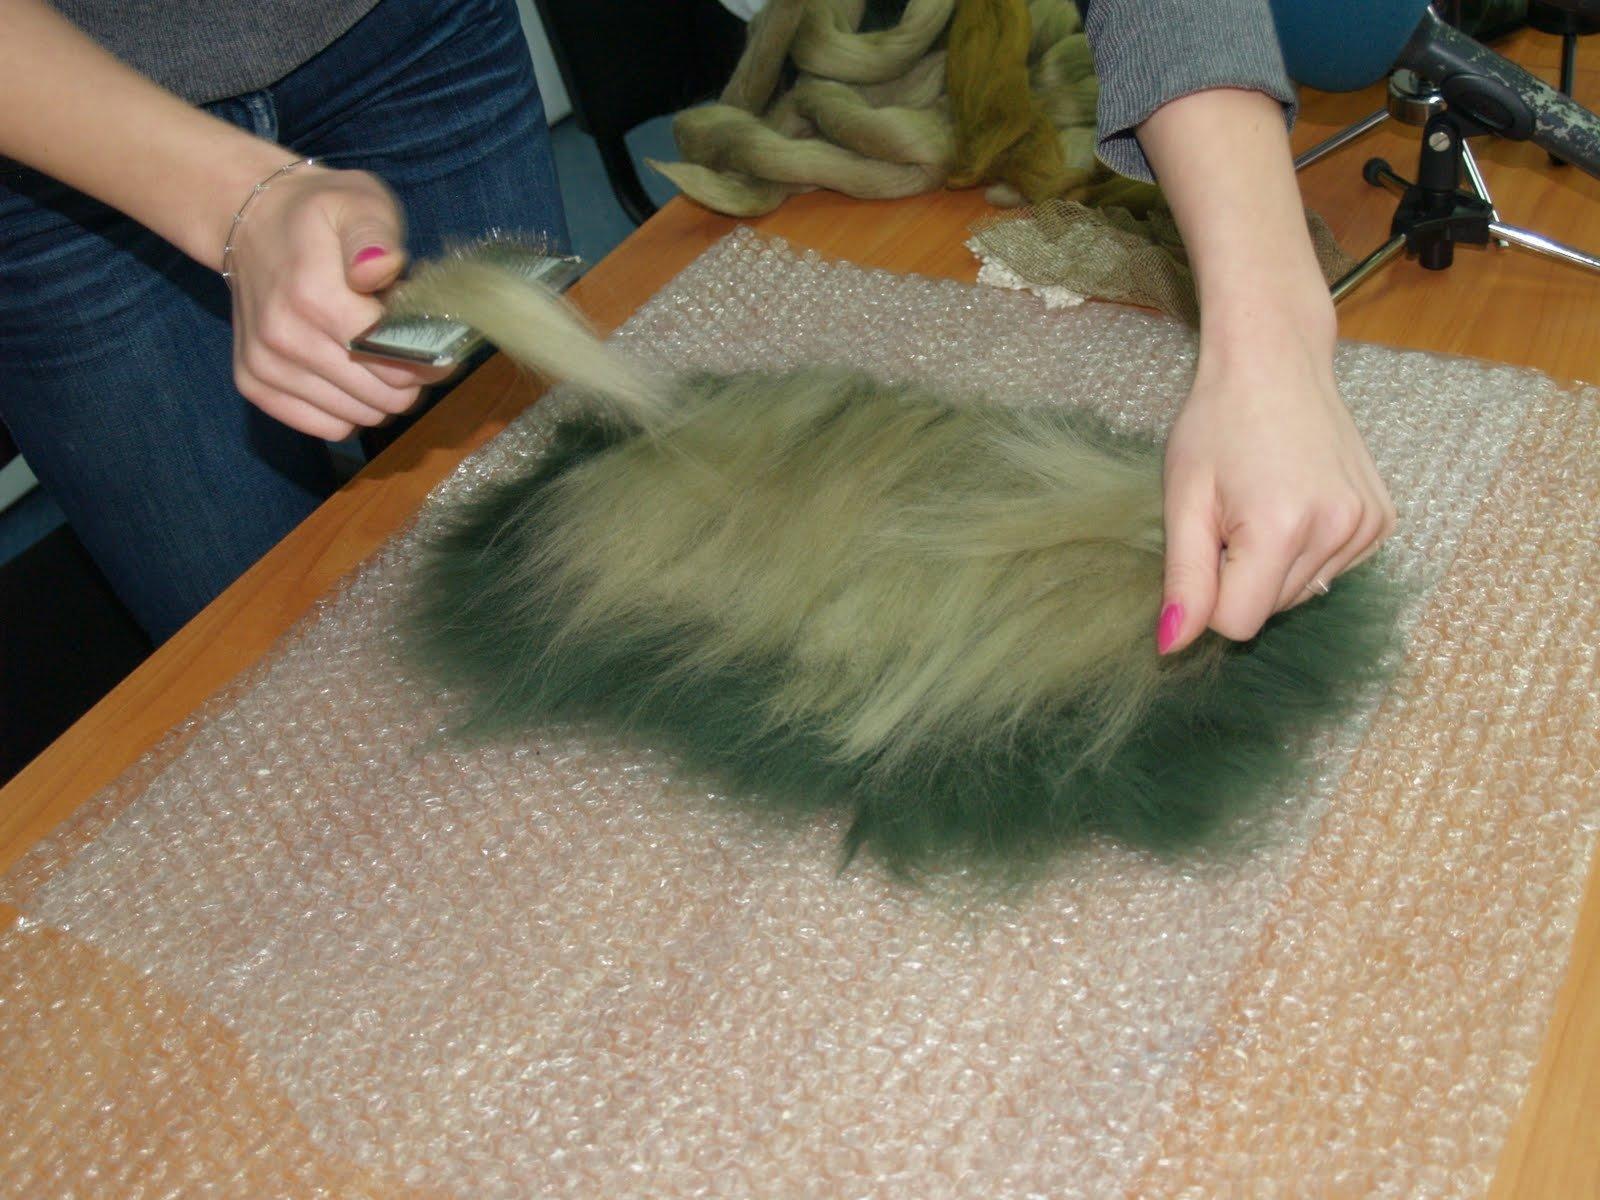 Валяние шляпки из шерсти мастер-класс видео: шляпы с полями мокрые, клош и сухое валяние